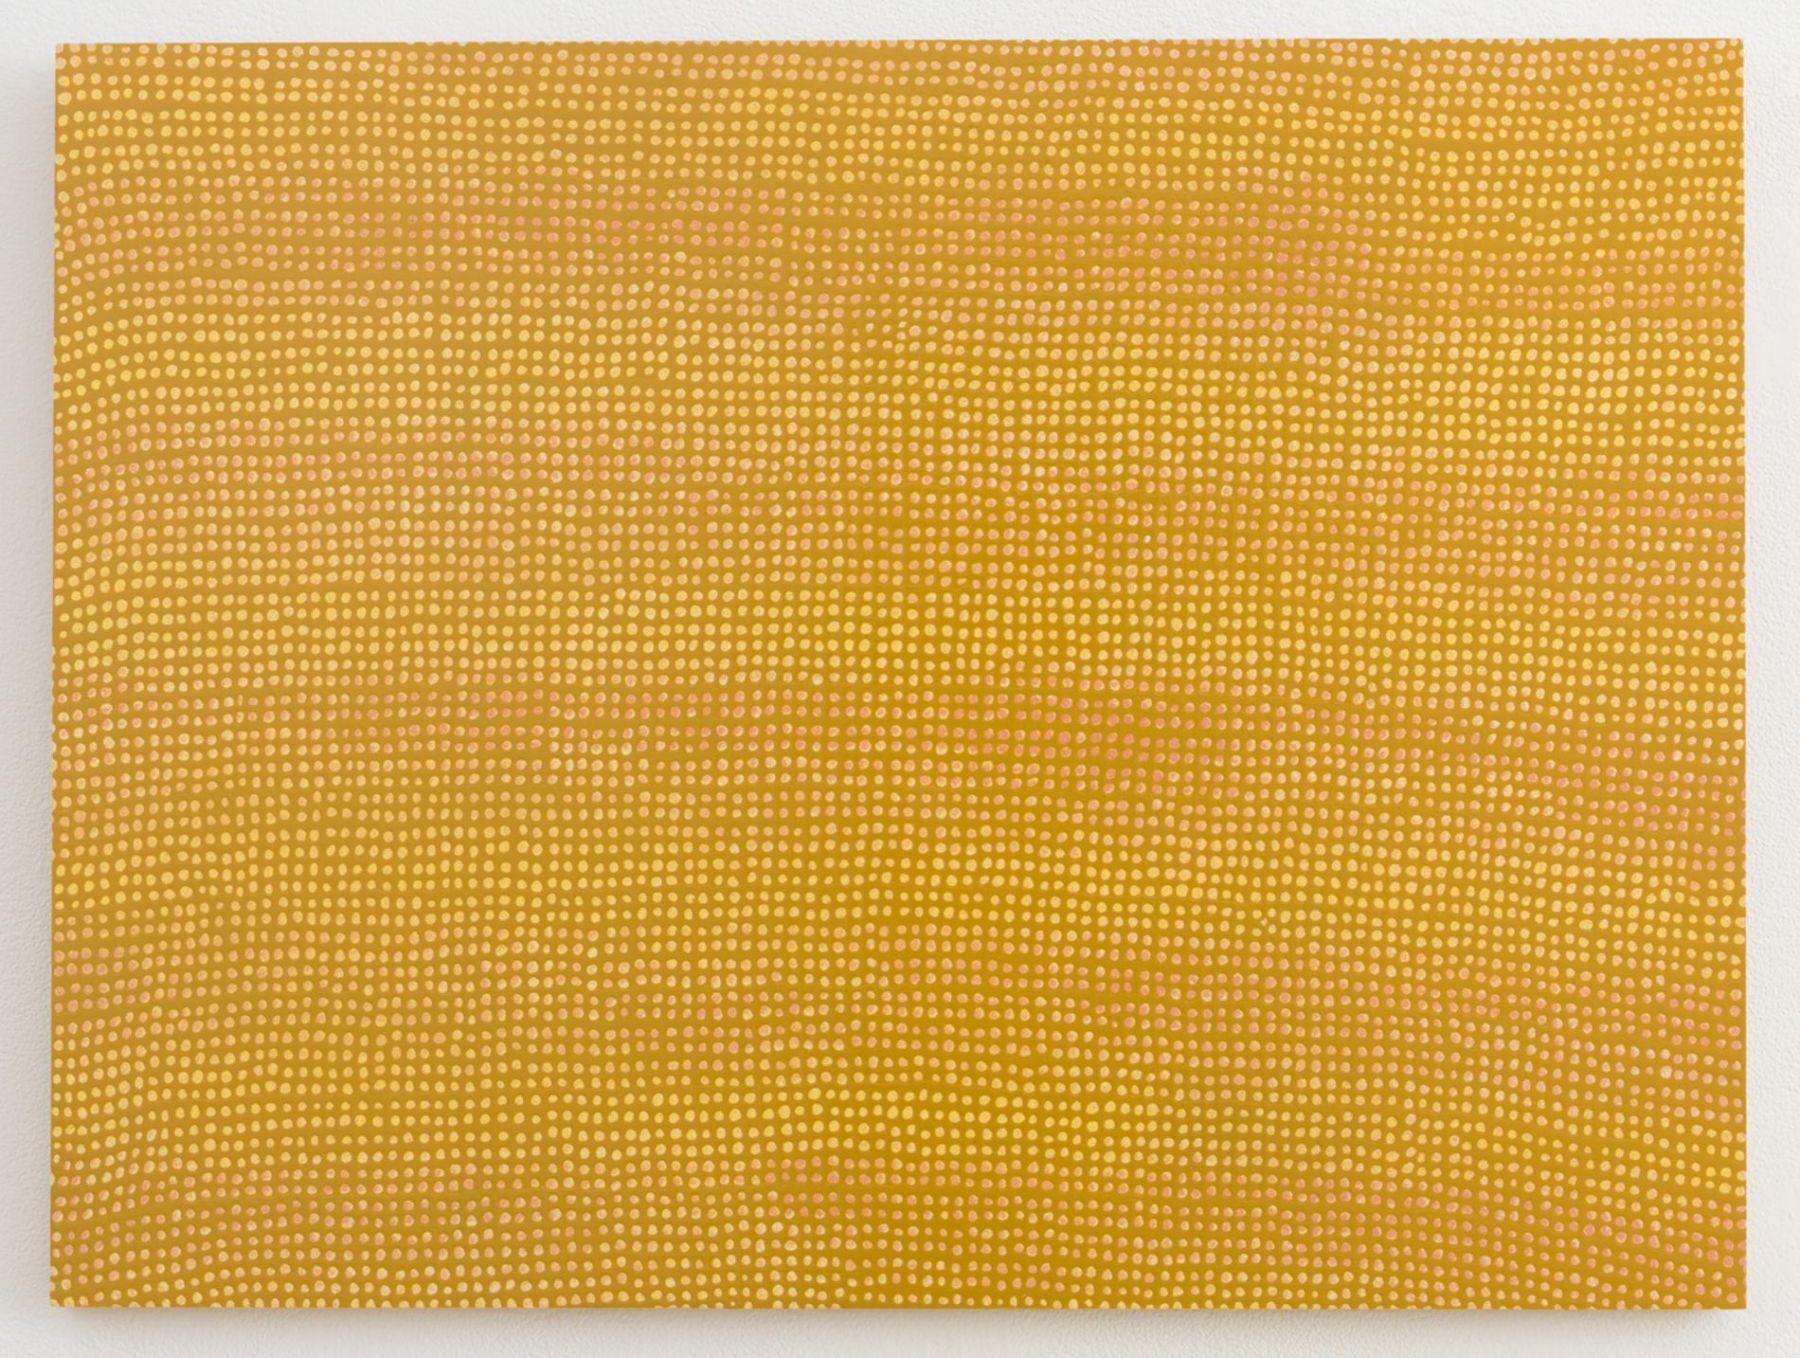 , MICHELLE GRABNERKitchen Brown,1998Enamel on panel17 3/4 x 23 3/4 in. (45.1 x 60.3 cm)